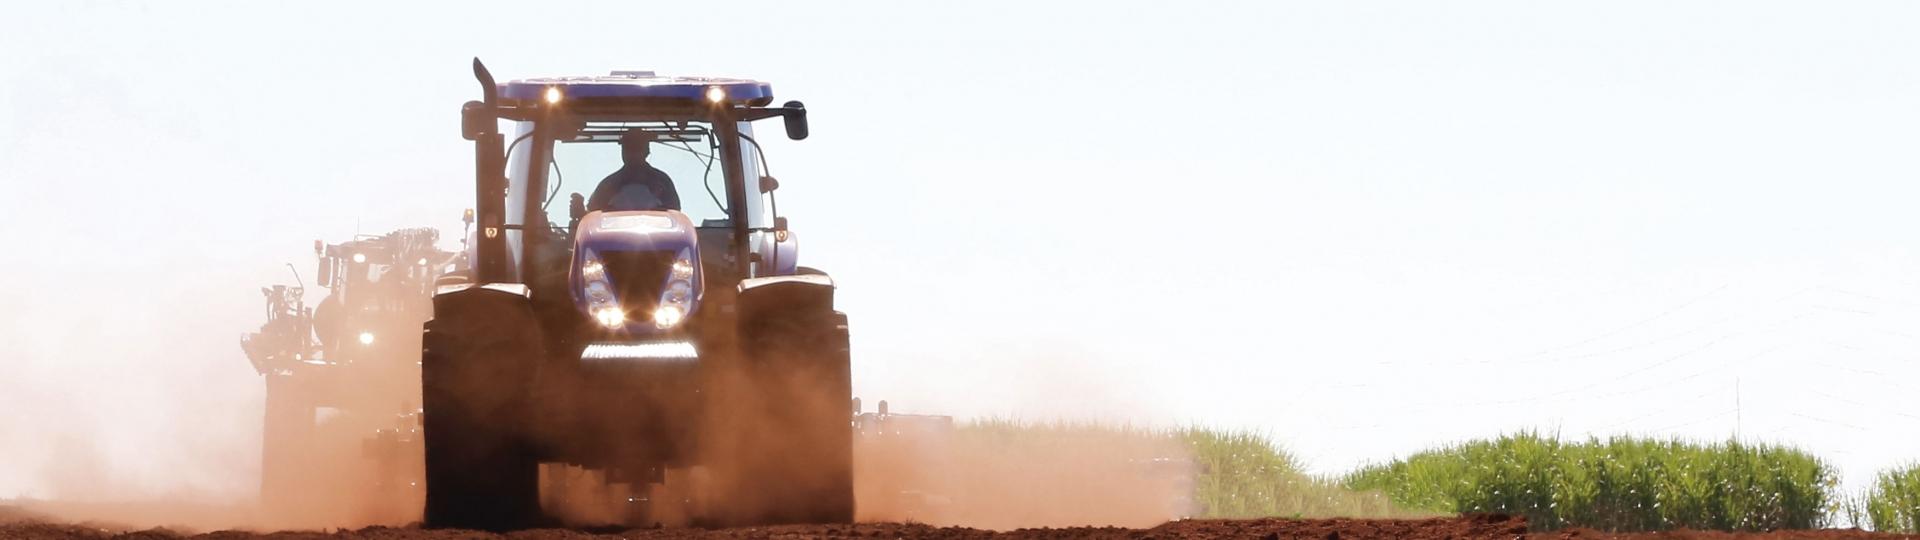 Assuntos Legais: MP do Agro – Uma excelente notícia para o agronegócio